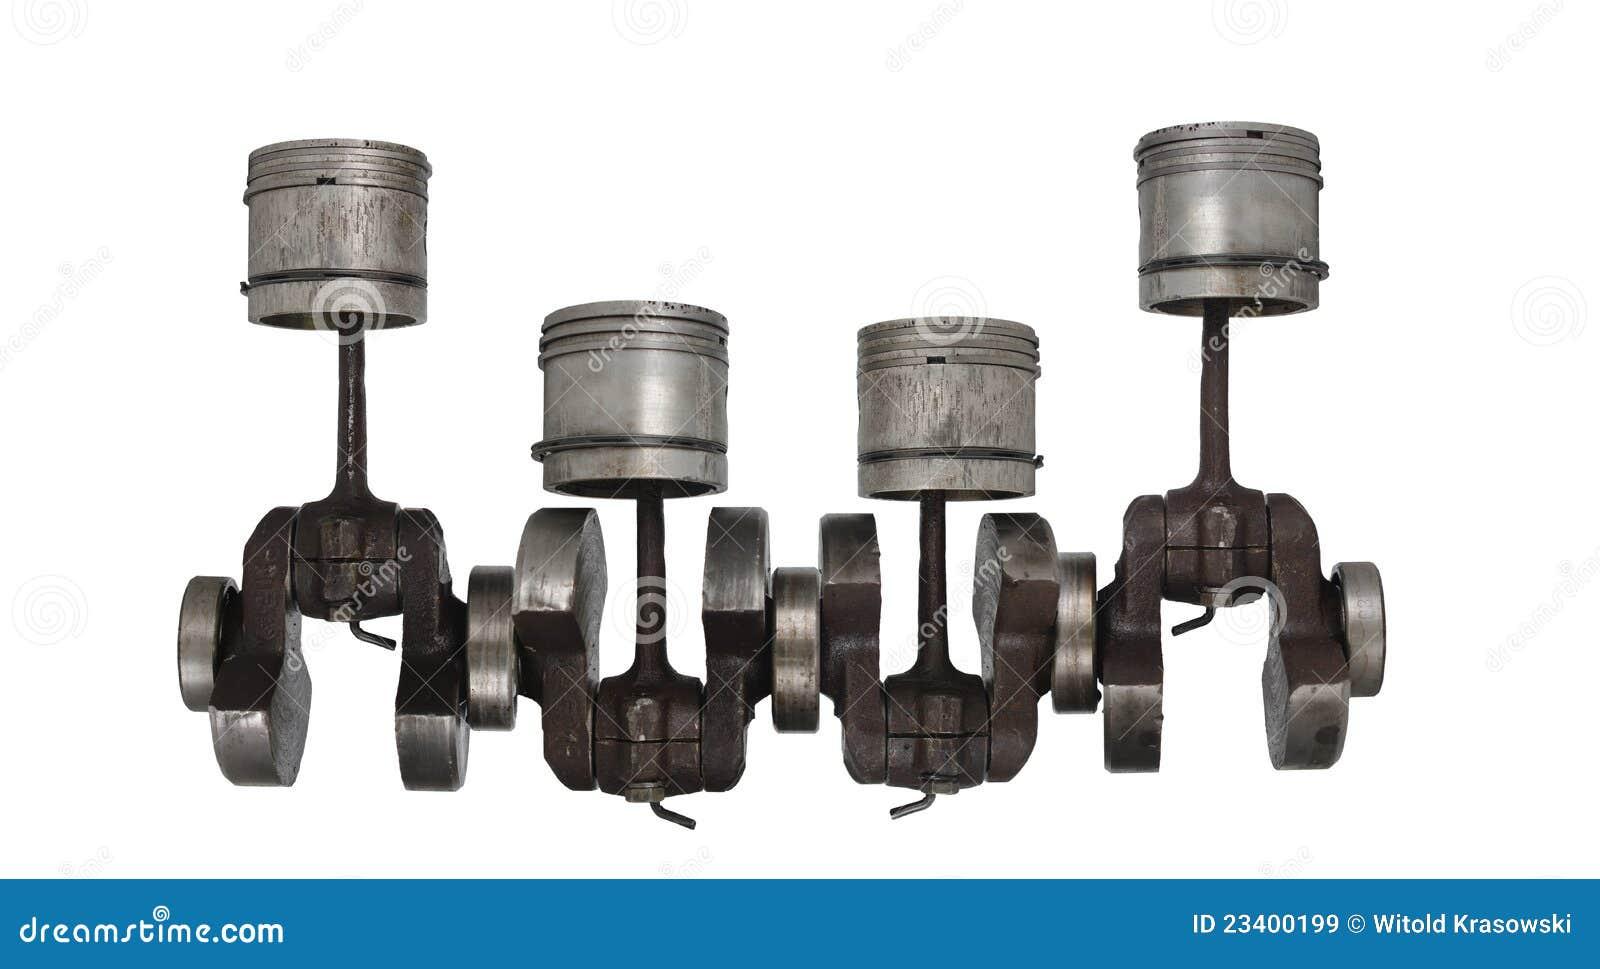 rod engine animation  rod  free engine image for user